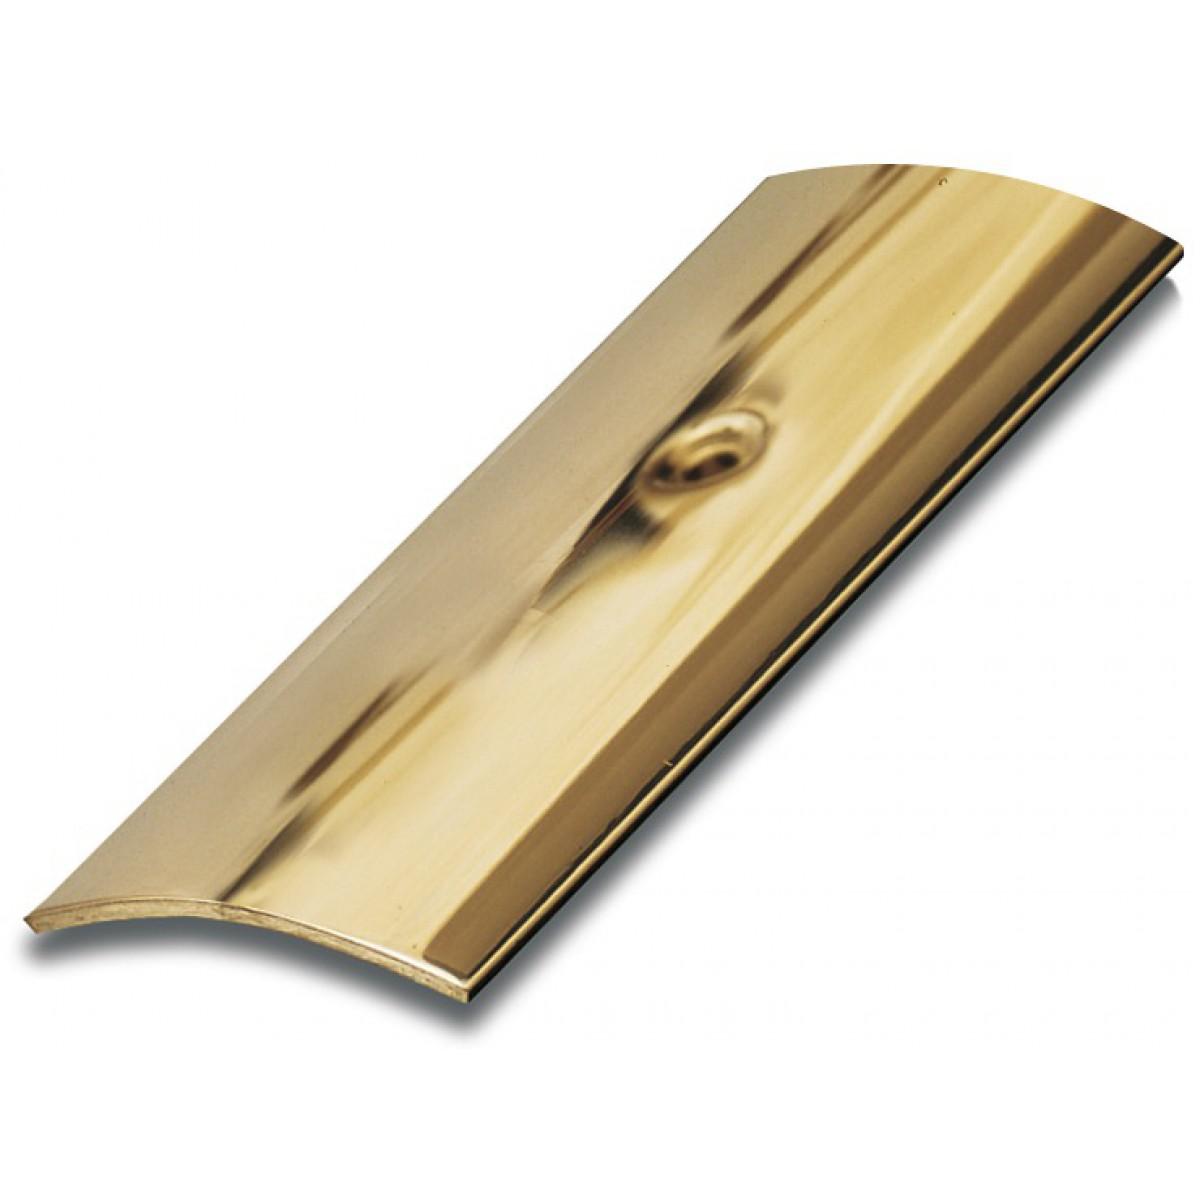 Bande de seuil adhésive laiton poli Dinac - Longueur 93 cm - Largeur 30 mm